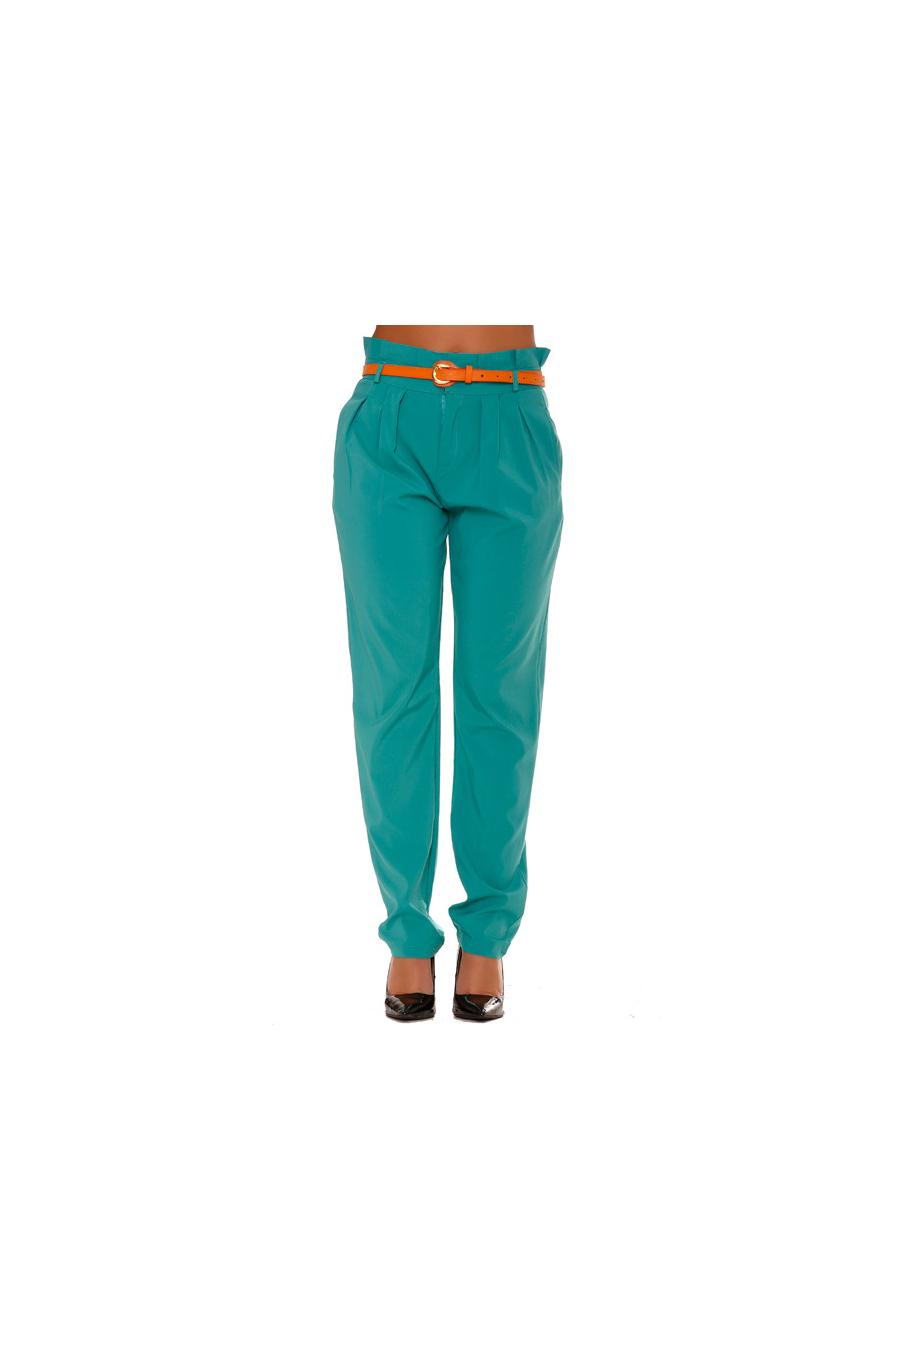 Pantalon Vert Fluide coupe Carotte. Taille Haute. Pantalon Femme. BS20208